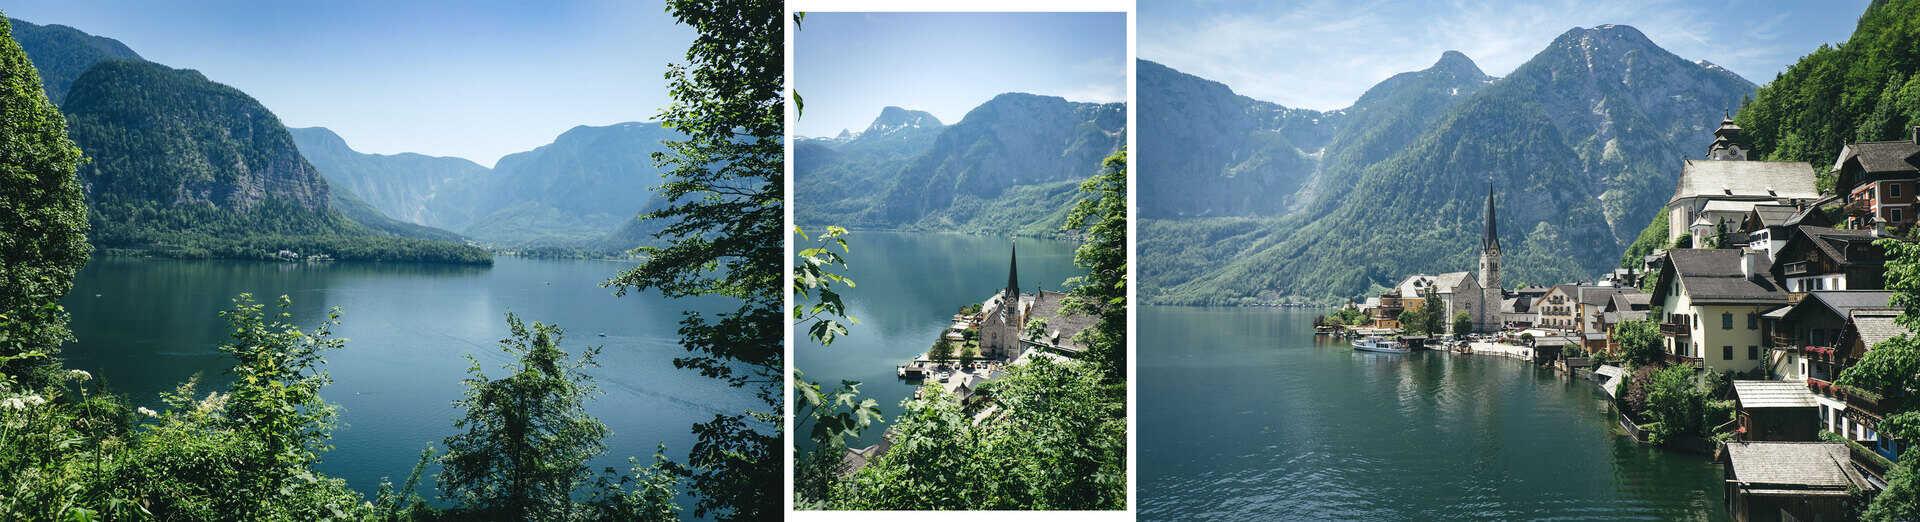 viagem austria